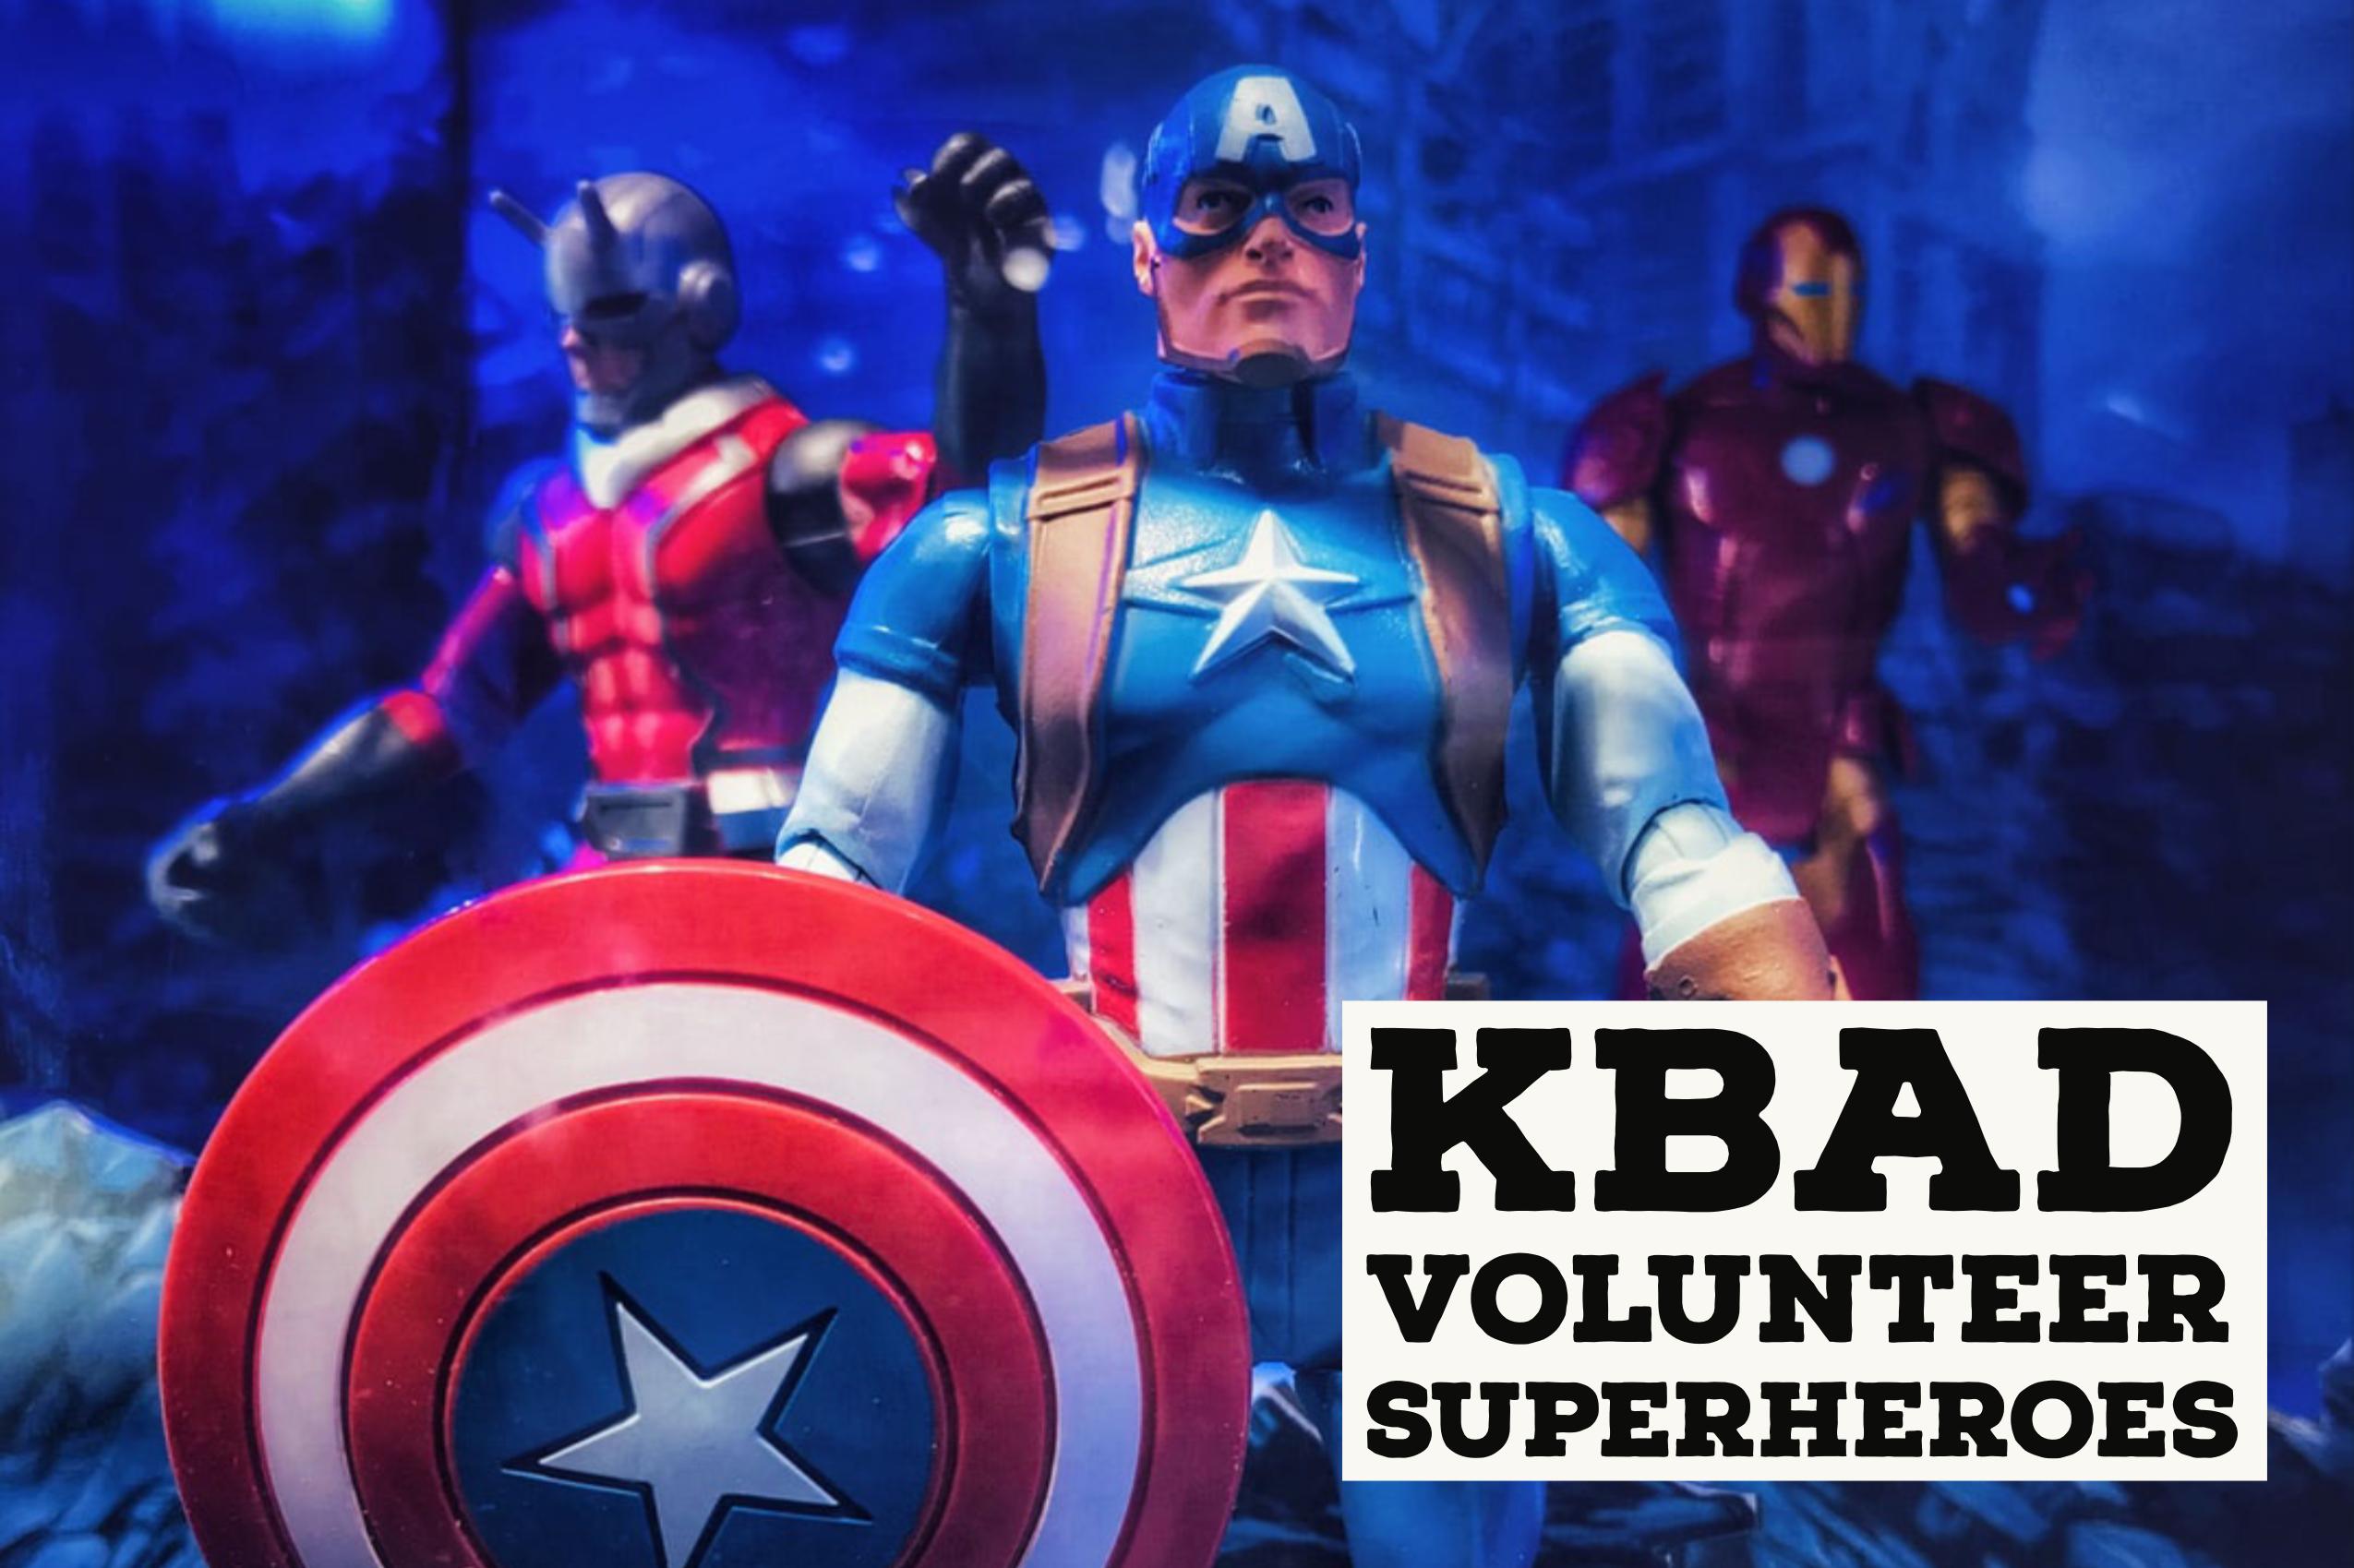 image of superheroes as volunteers